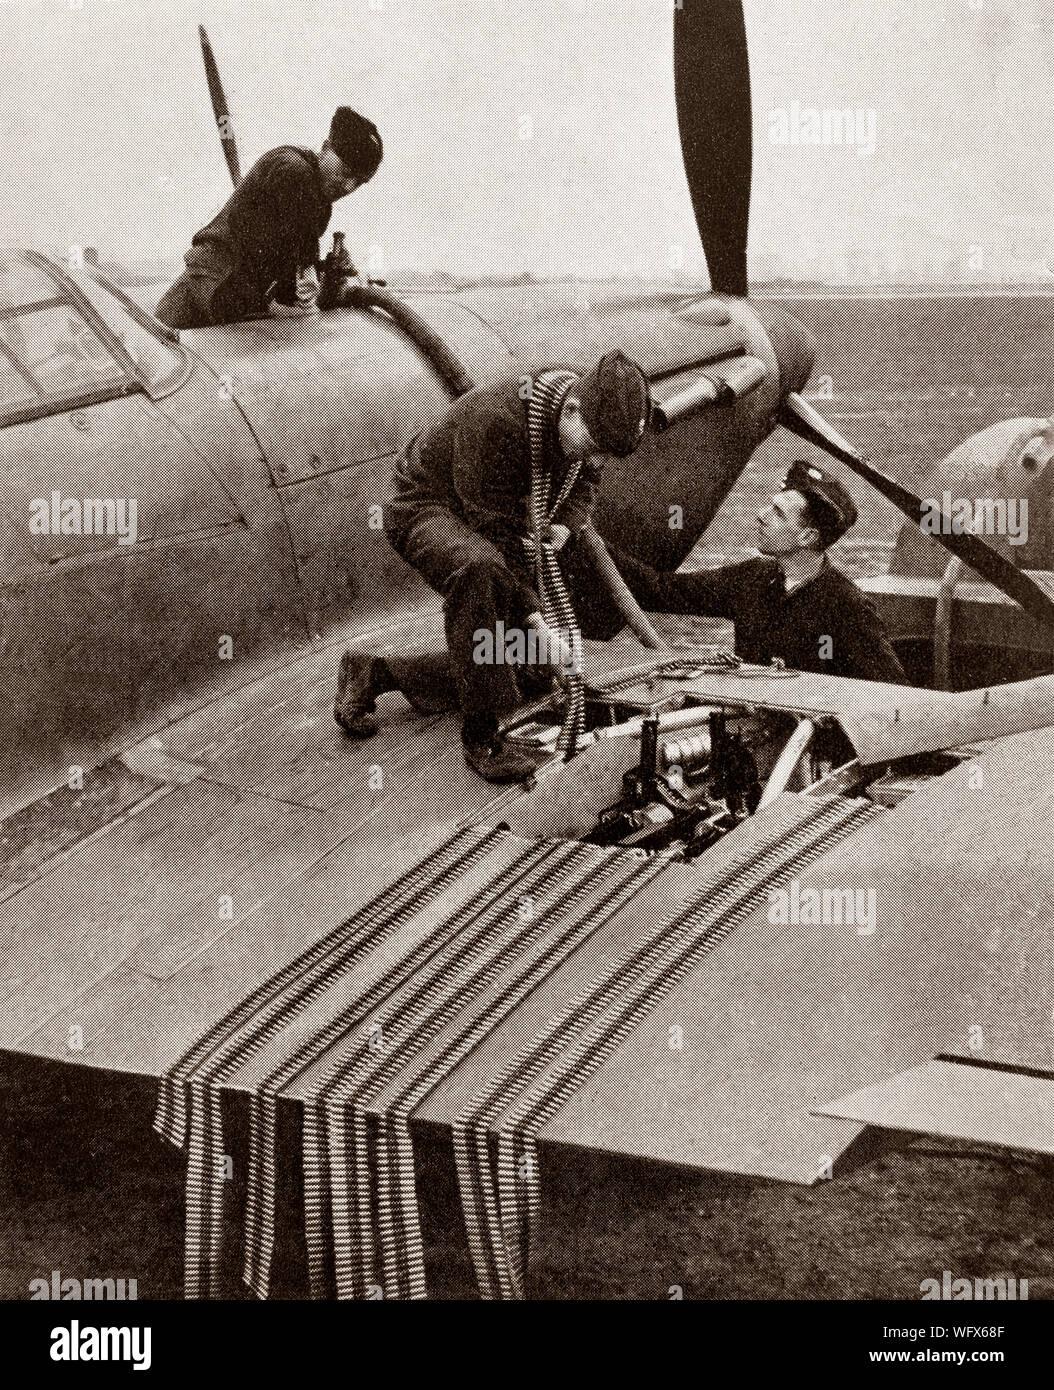 Groundcrew cargando munición en el ala de un huracán, los británicos Hawker Solo asiento con aviones de combate de la RAF. Se vio ensombrecida en la conciencia pública por el Supermarine Spitfire el papel durante la Batalla de Gran Bretaña en 1940, pero el Huracán infligió el 60 por ciento de las pérdidas sufridas por la Luftwaffe en la contratación, y luchó en todos los principales teatros de la Segunda Guerra Mundial. Foto de stock